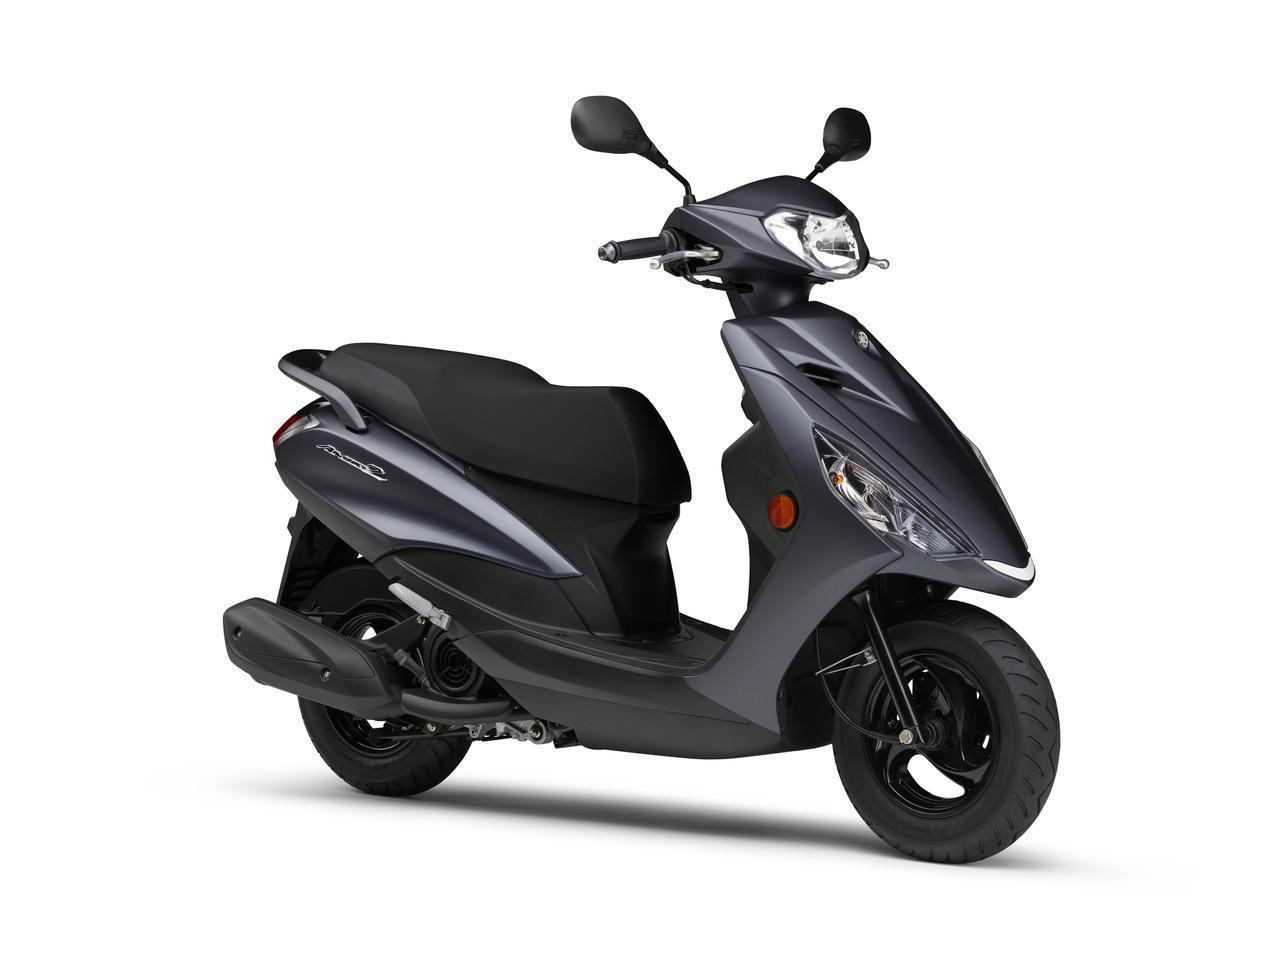 画像11: ヤマハが125ccスクーター「アクシスZ」の2021年モデルを発表! カラーは全5色設定で2月5日に発売